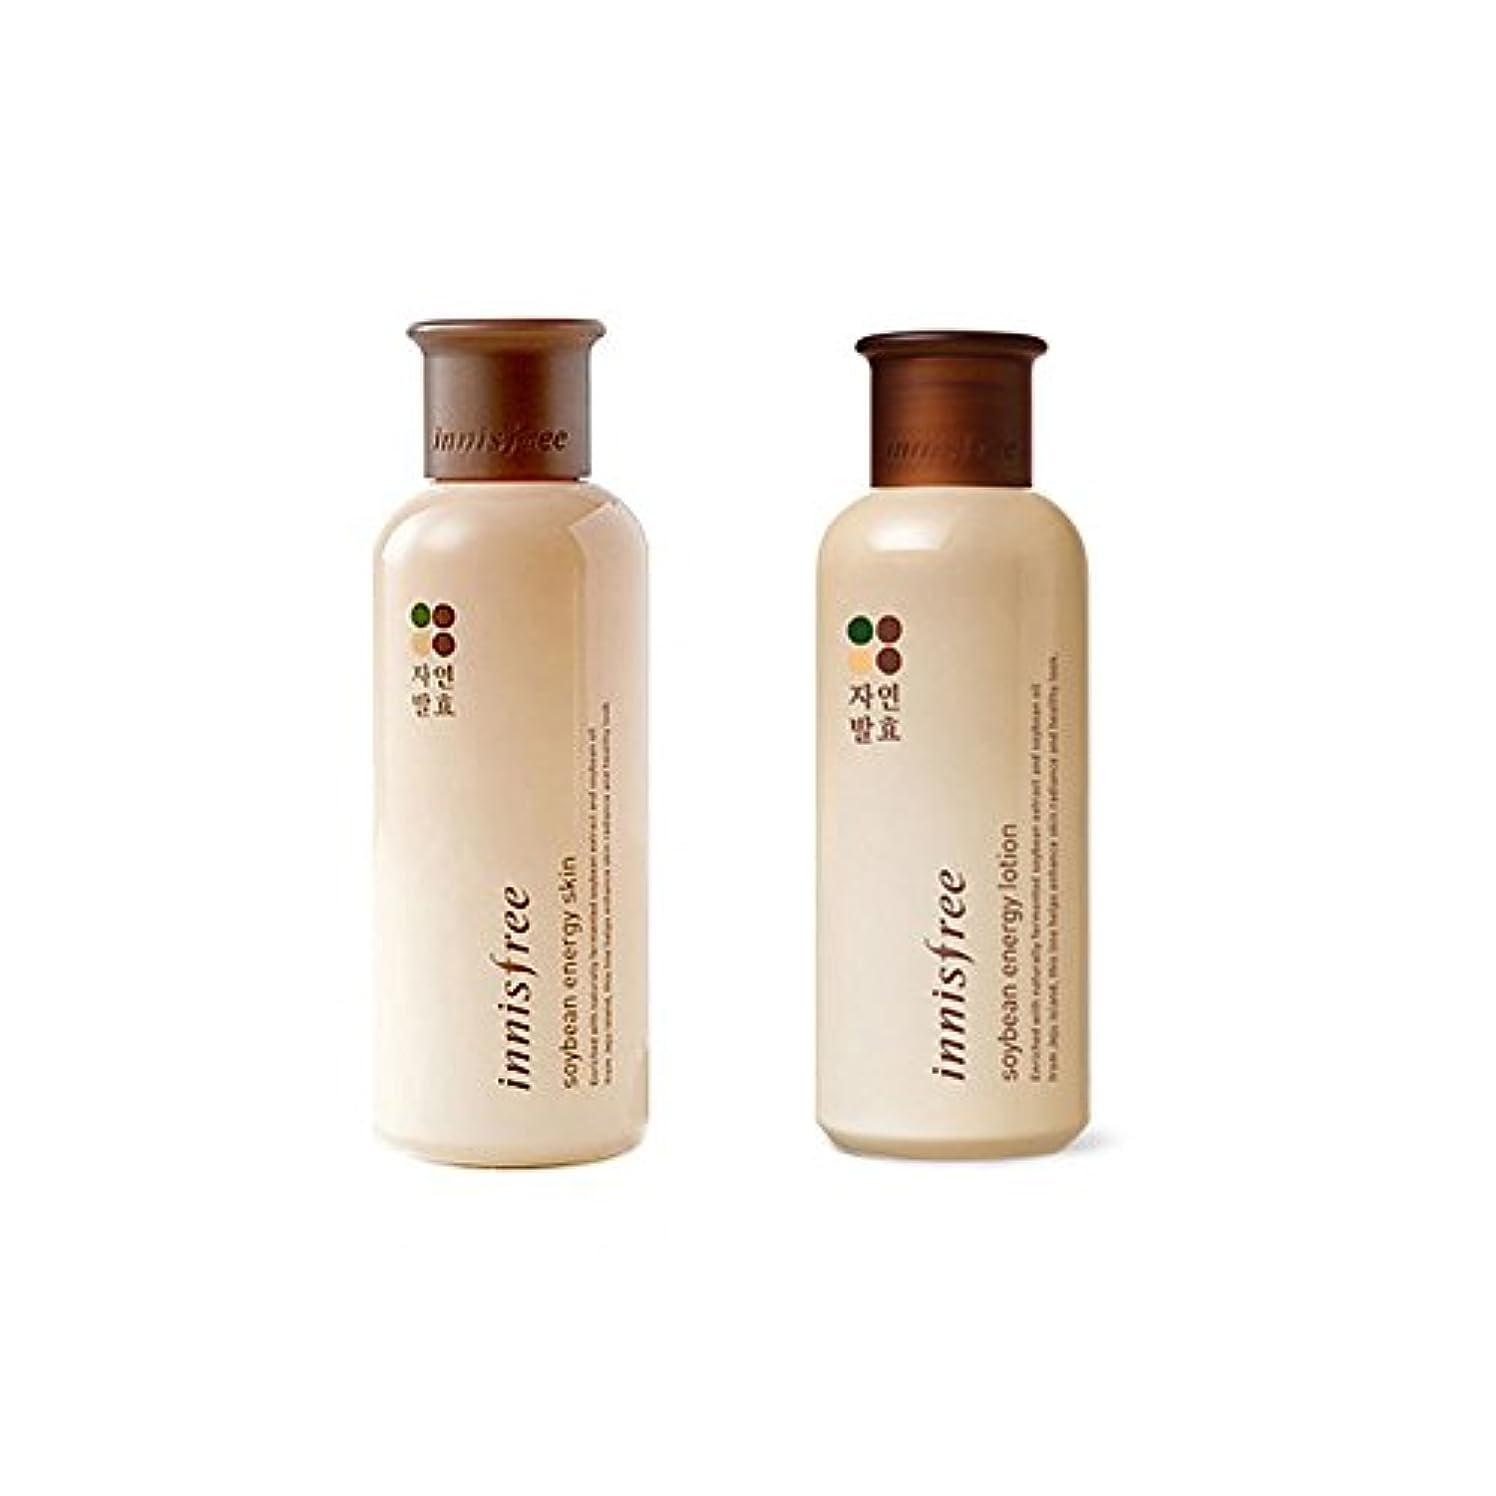 ガジュマル忘れっぽい日光[イニスフリー] Innisfree 発酵大豆エネジスキン (200ml)+ ローション(160ml)セット Innisfree Soy Bean Energy Skin(200ml)+Lotion(160ml)Set...